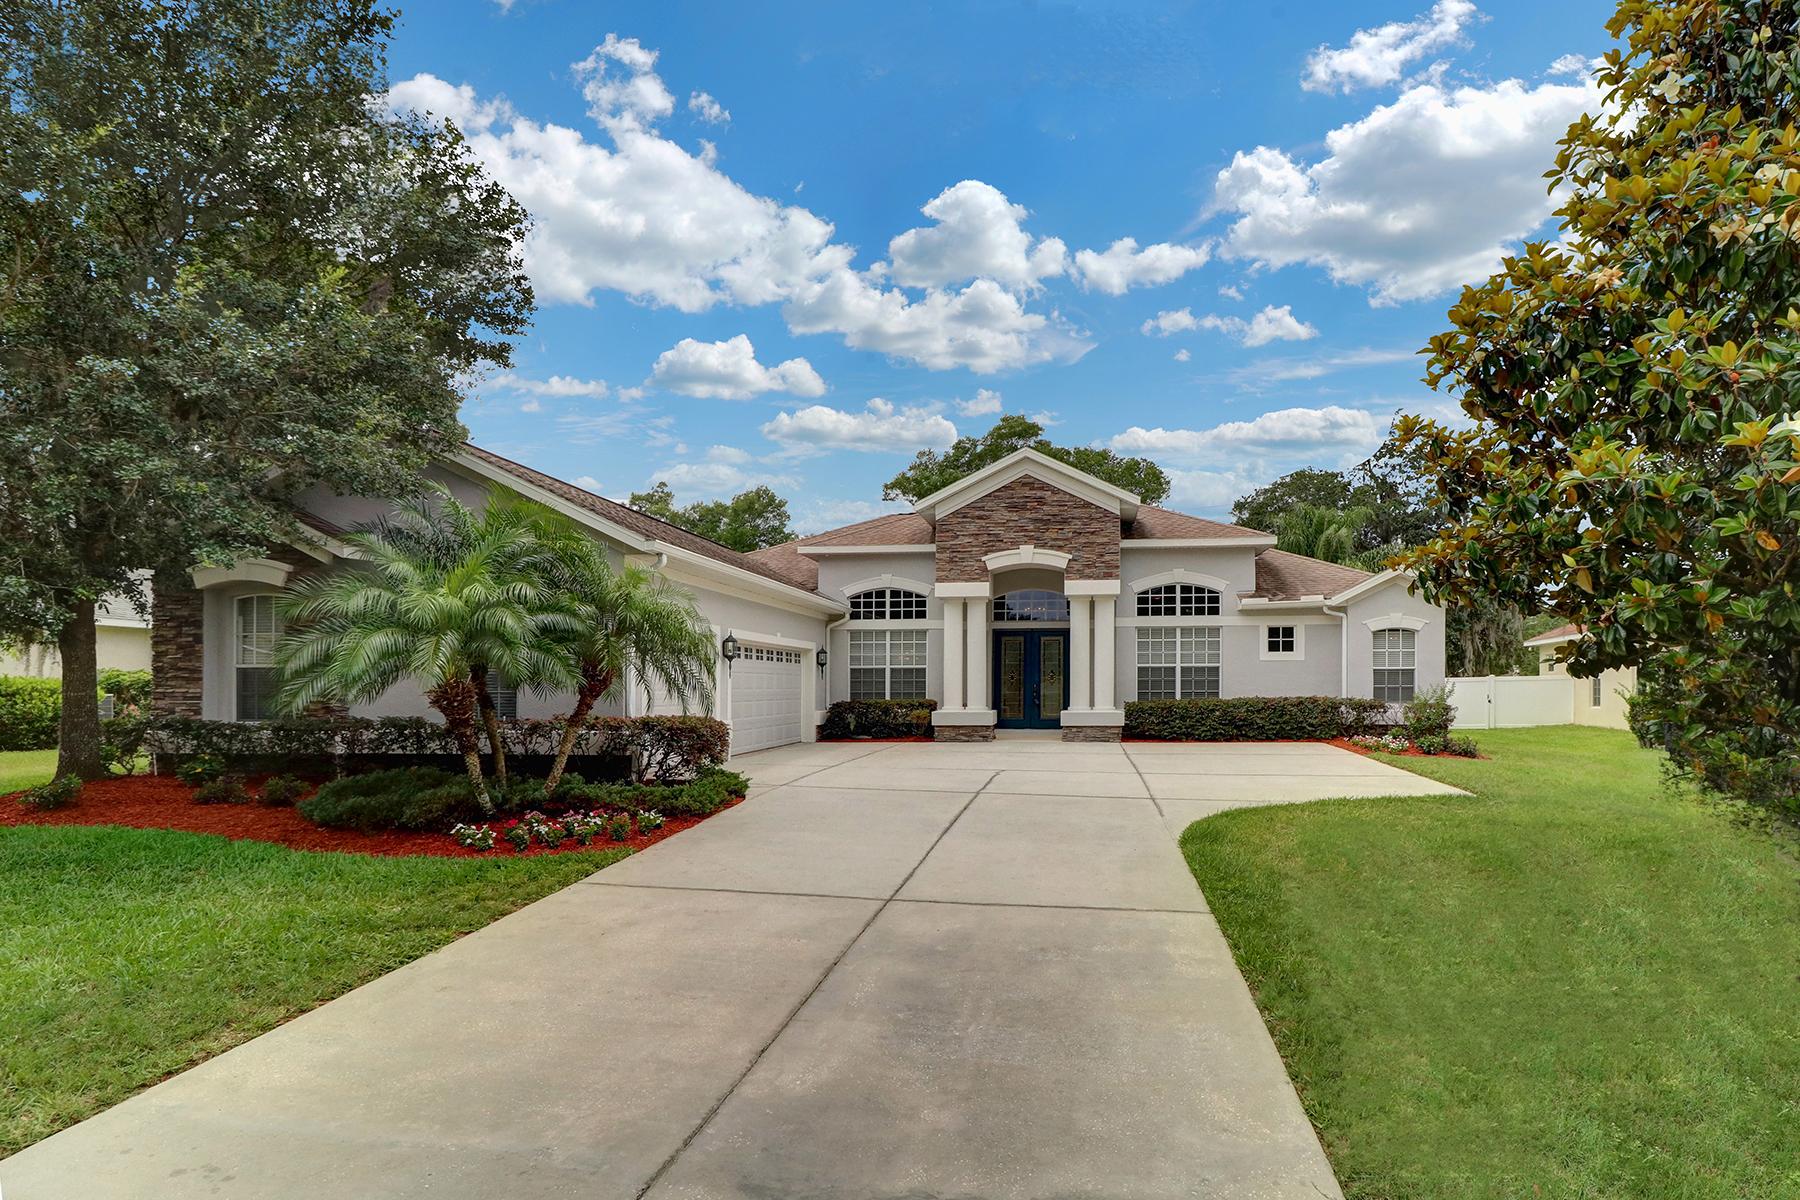 獨棟家庭住宅 為 出售 在 1614 Brilliant Cut Way , Valrico, FL 33594 1614 Brilliant Cut Way Valrico, 佛羅里達州, 33594 美國